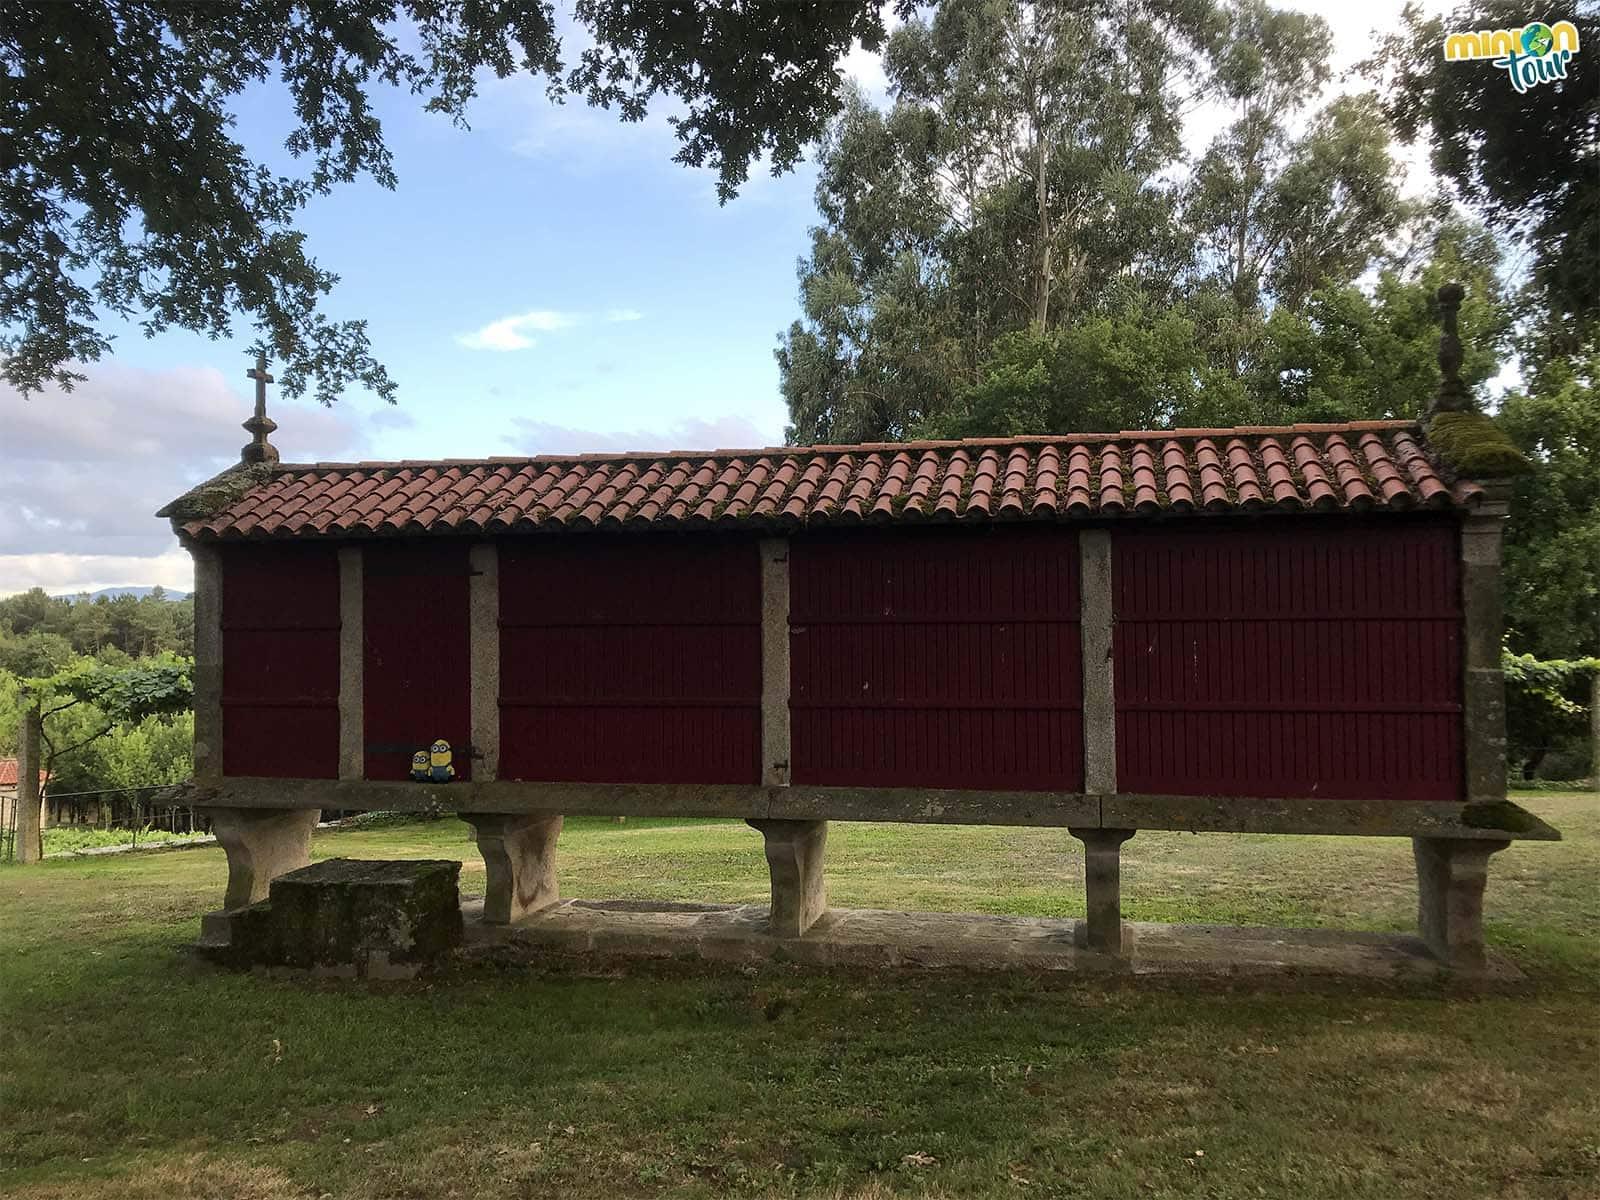 Hórreo del Ecomuseo y Pazo de Arxeriz